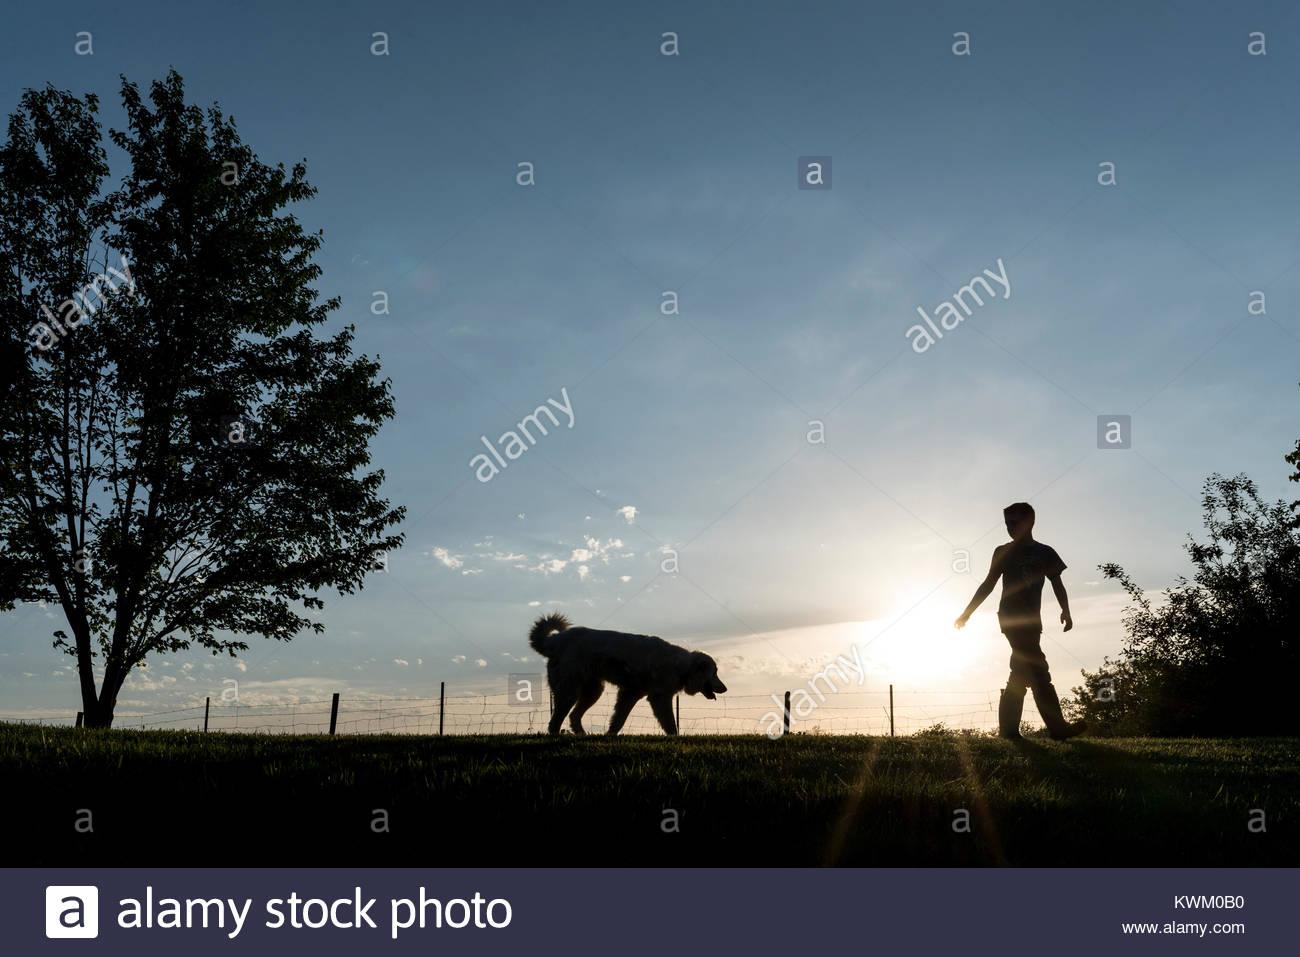 Silhouette ragazzo giocando con il cane sul campo contro il cielo durante il tramonto Immagini Stock